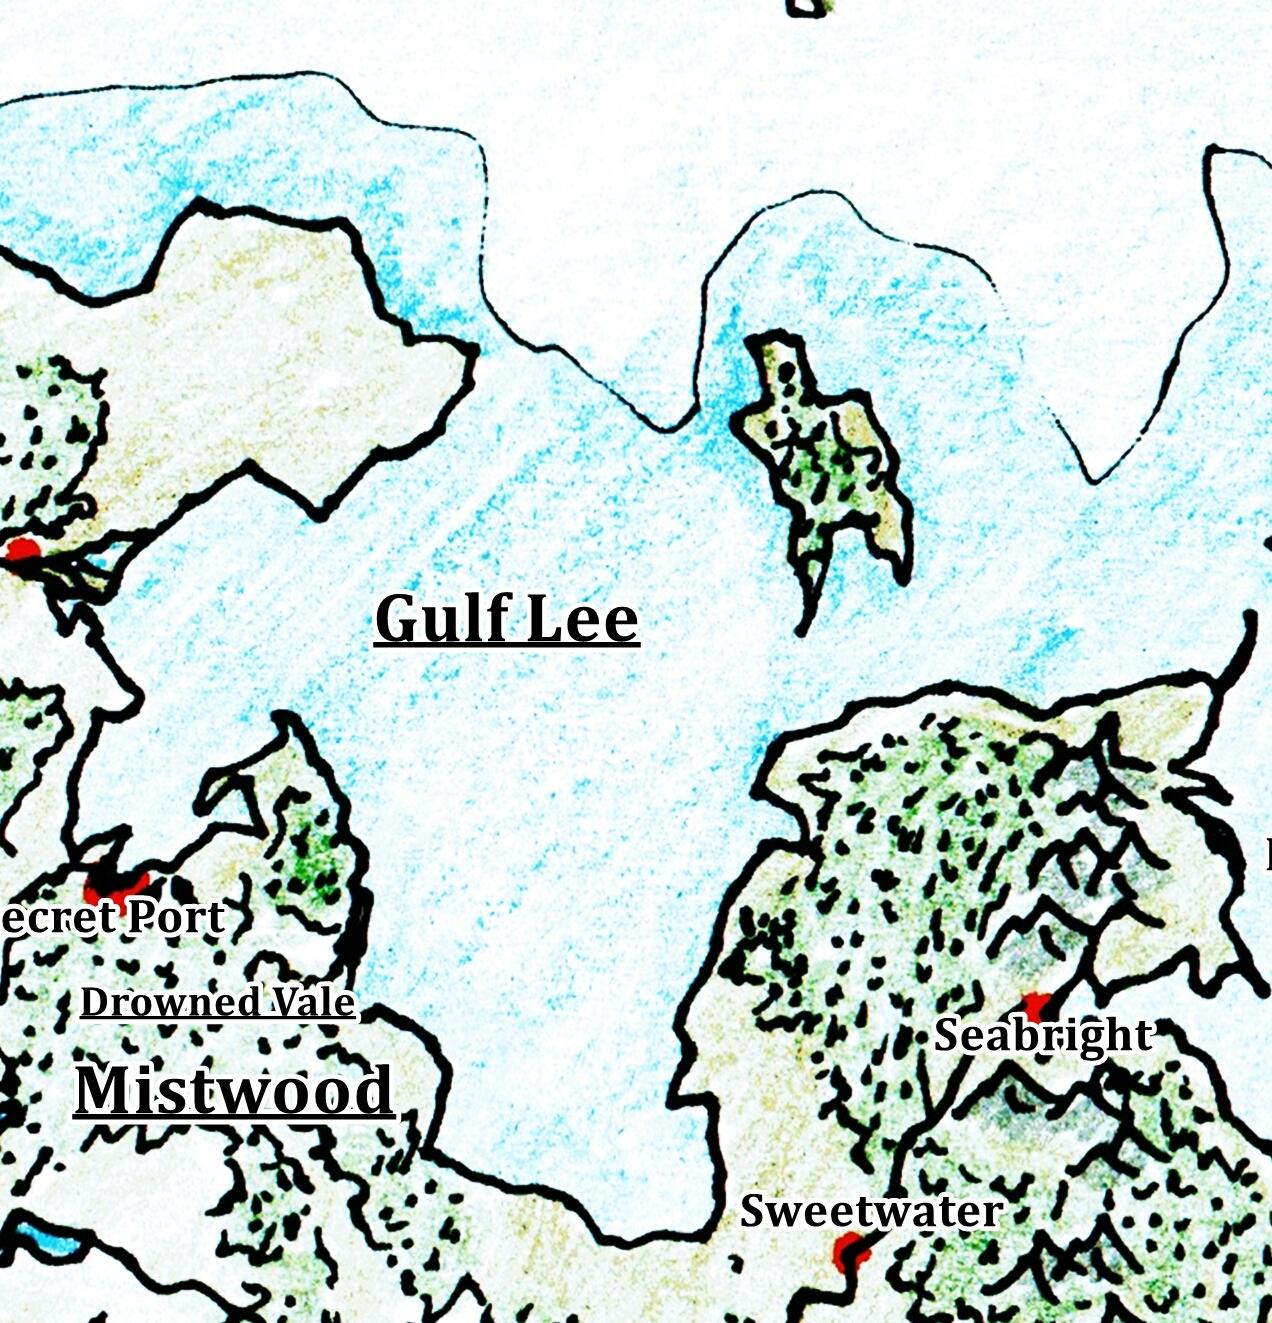 Gulf Lee